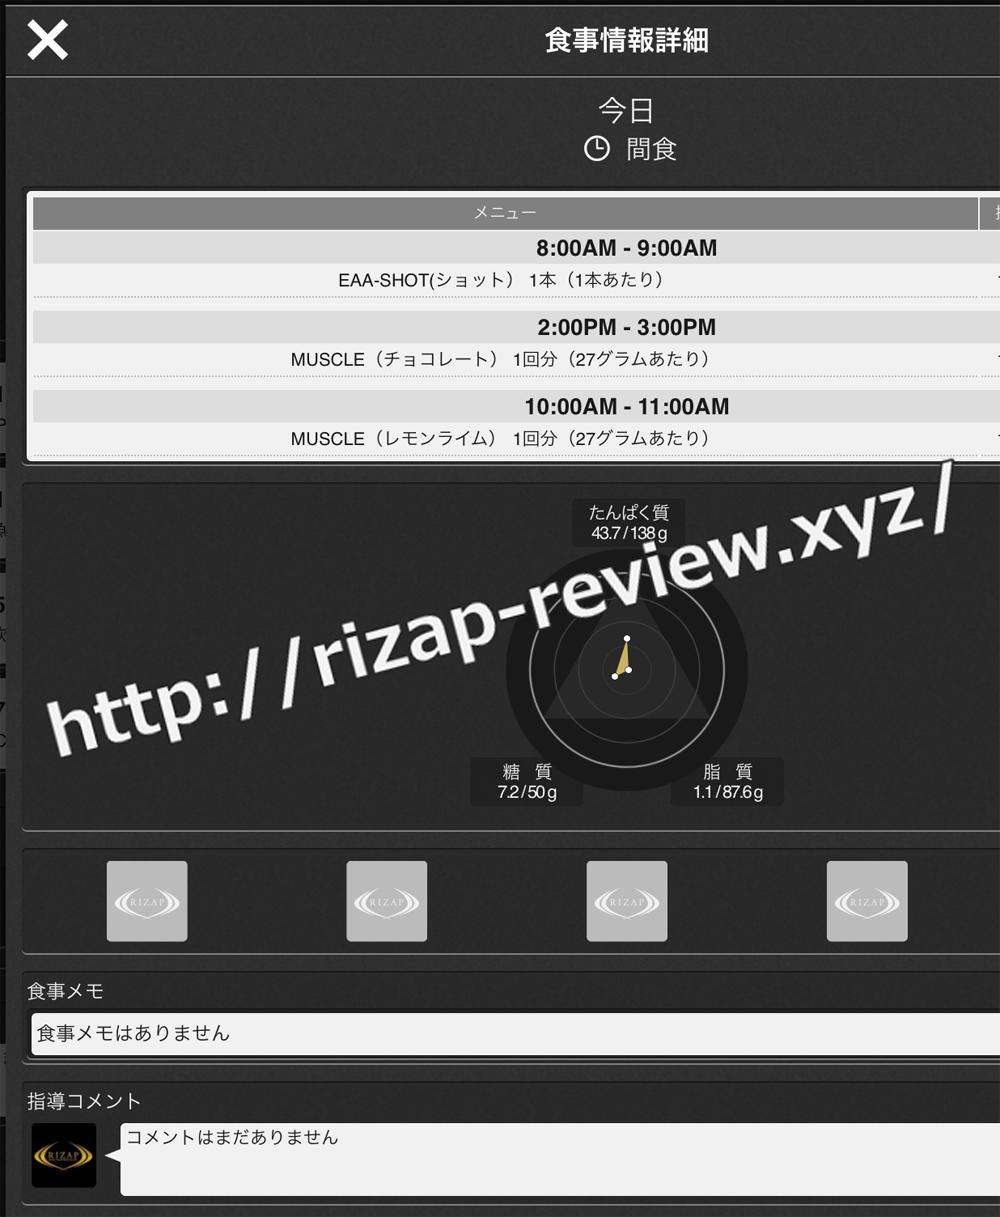 2018.9.24(月)ライザップ流の間食